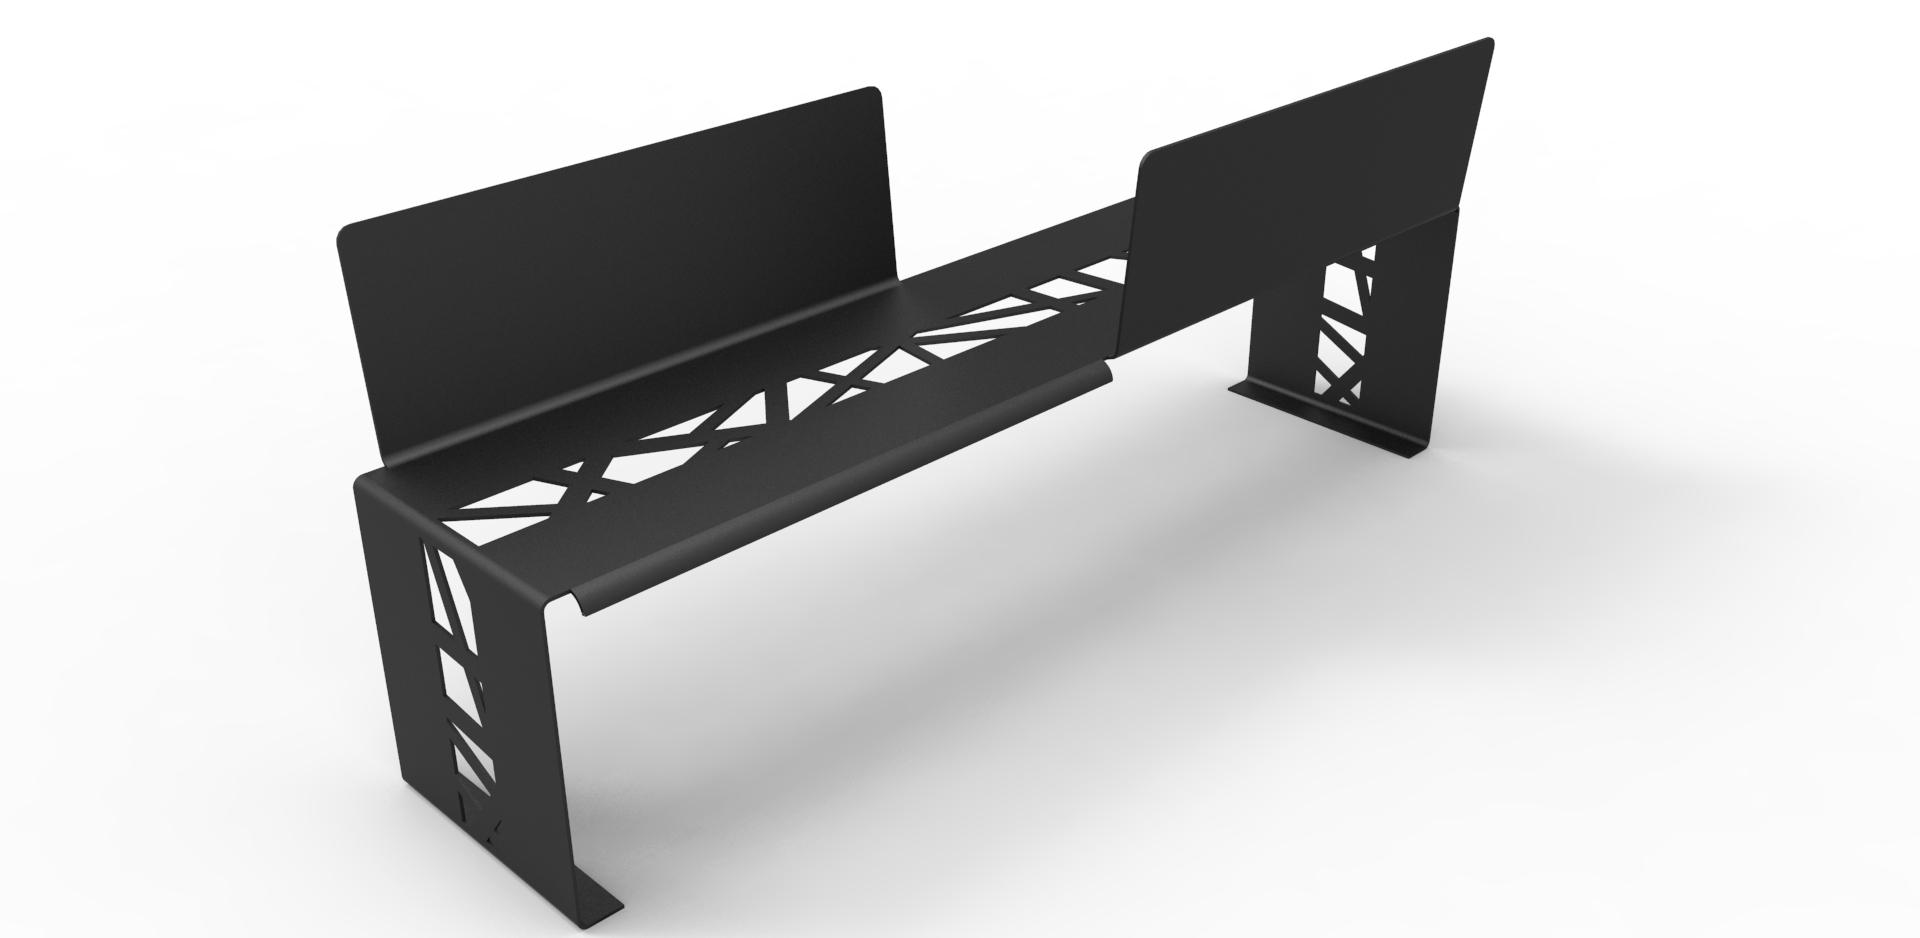 banc vis a vis le banc public mobilier urbain france urba cr ateur et concepteur de. Black Bedroom Furniture Sets. Home Design Ideas